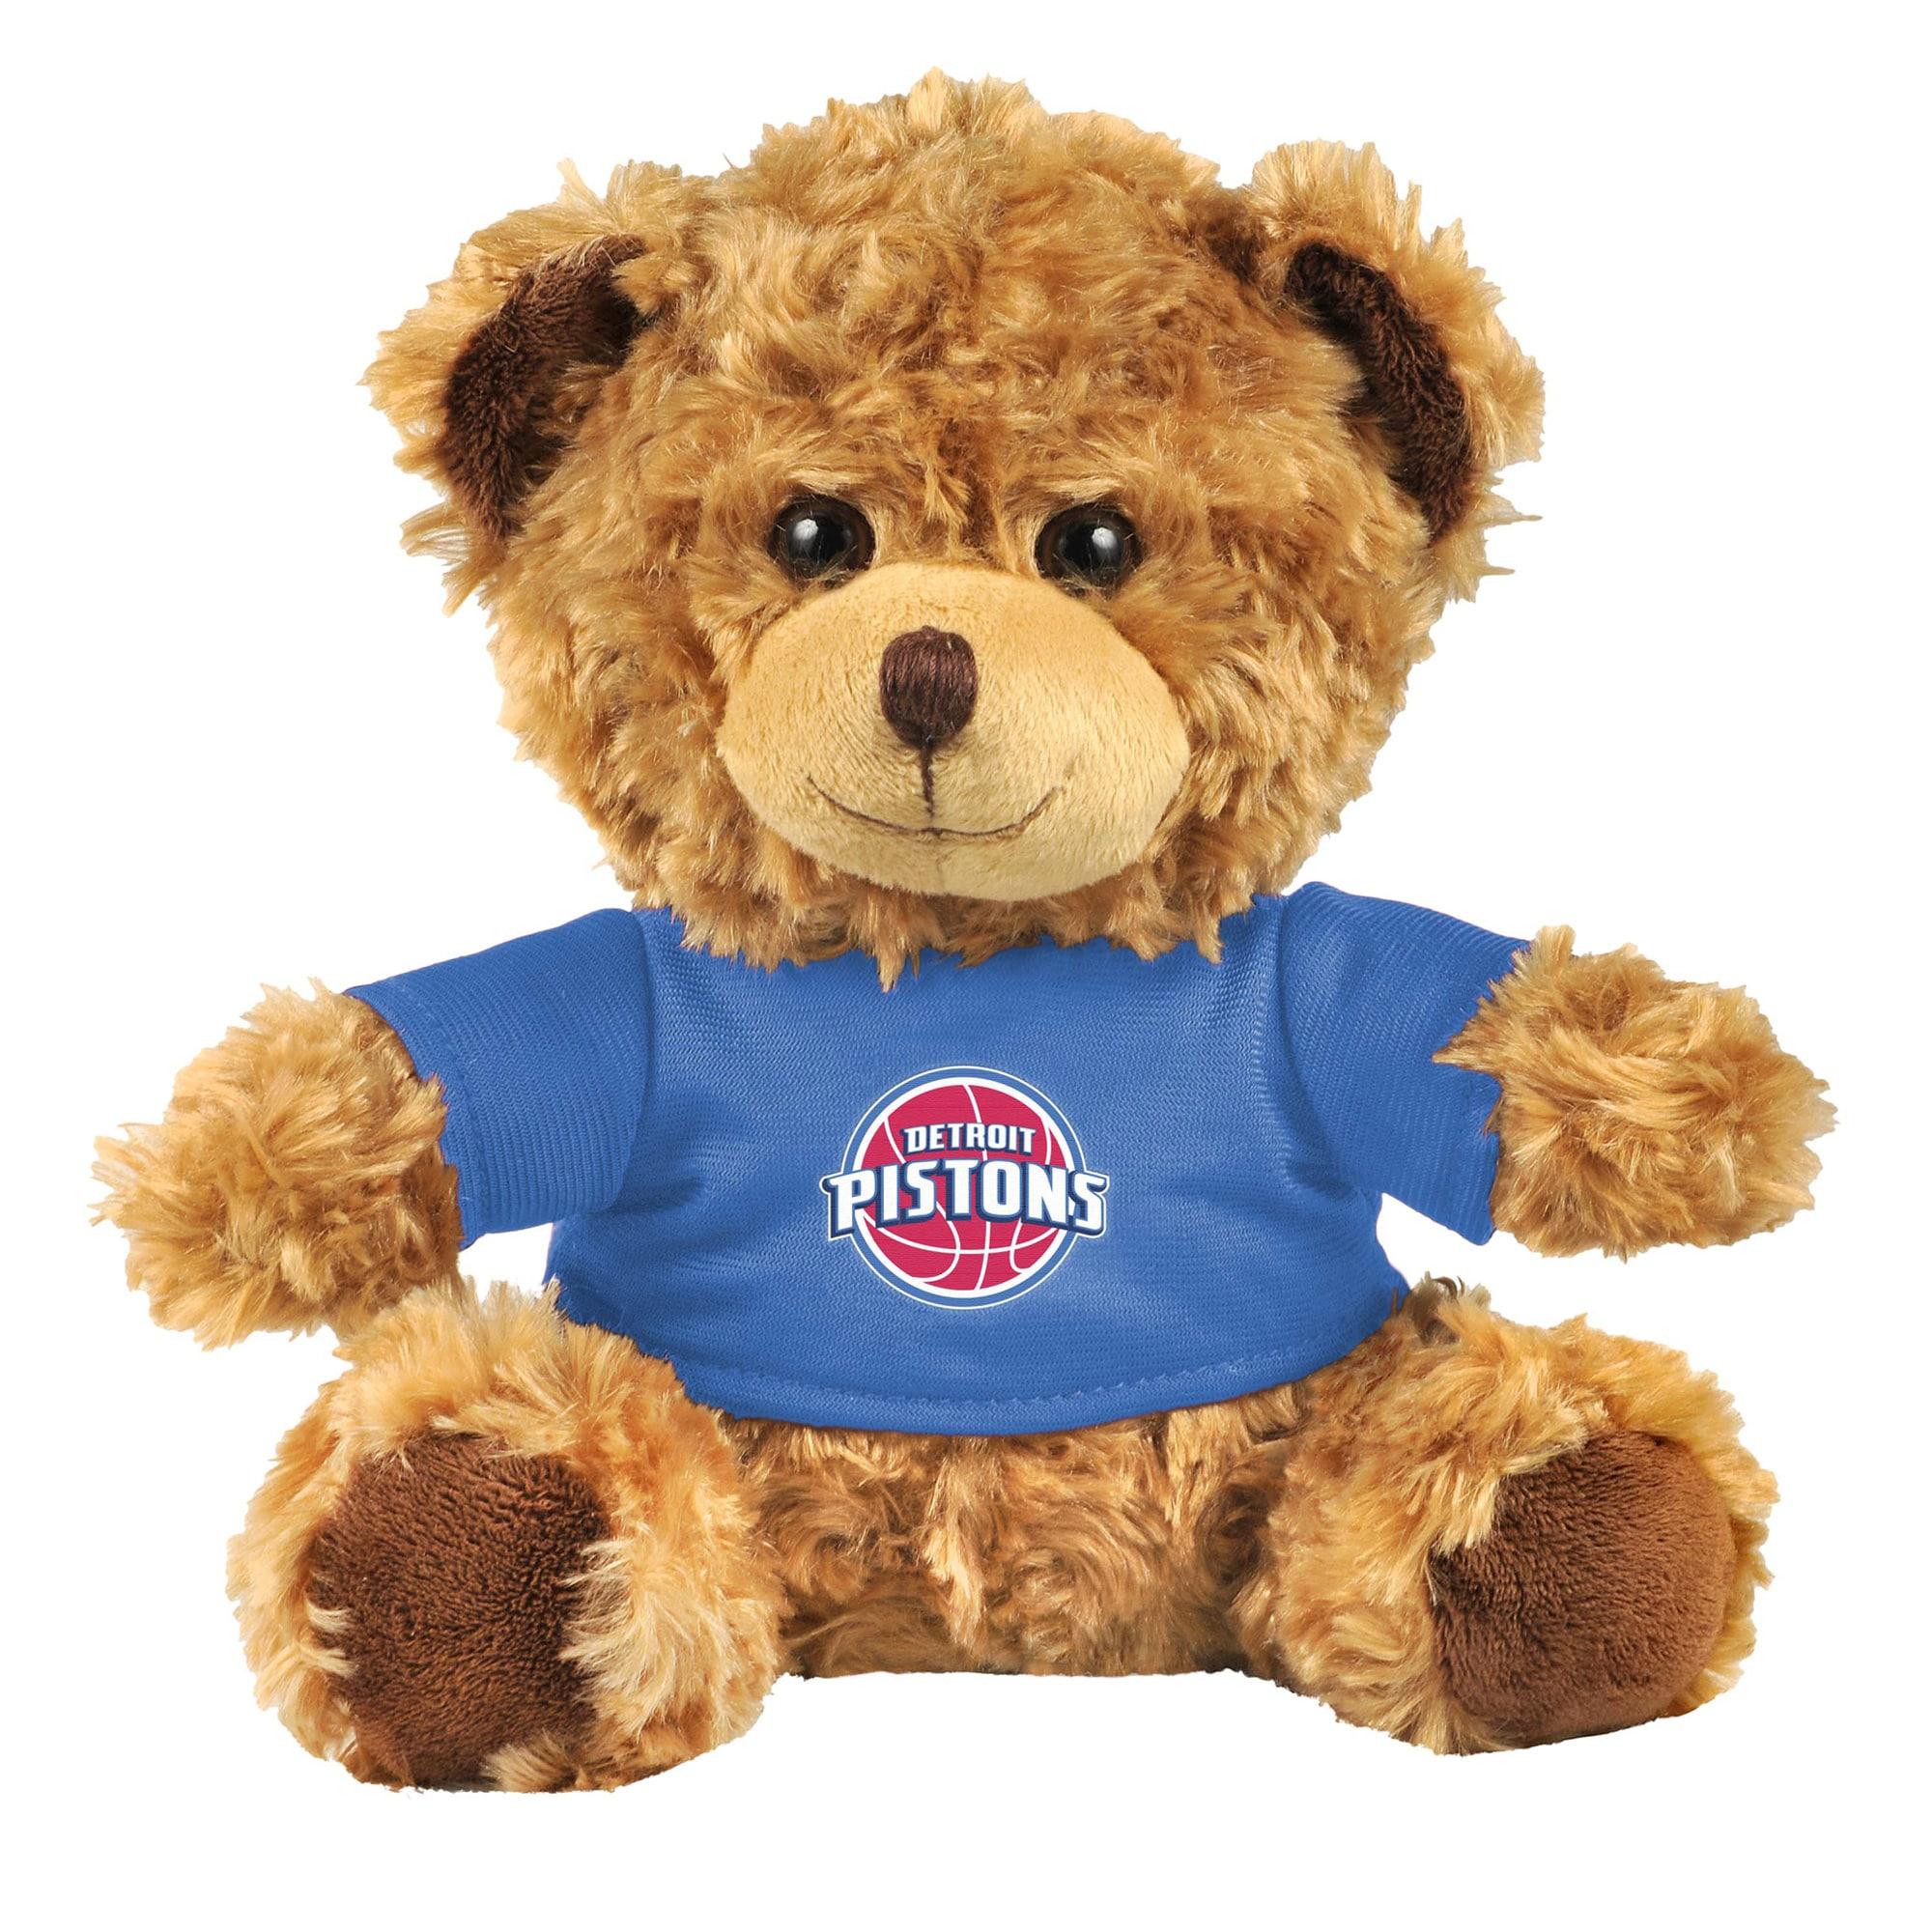 Detroit Pistons Team Shirt Bear